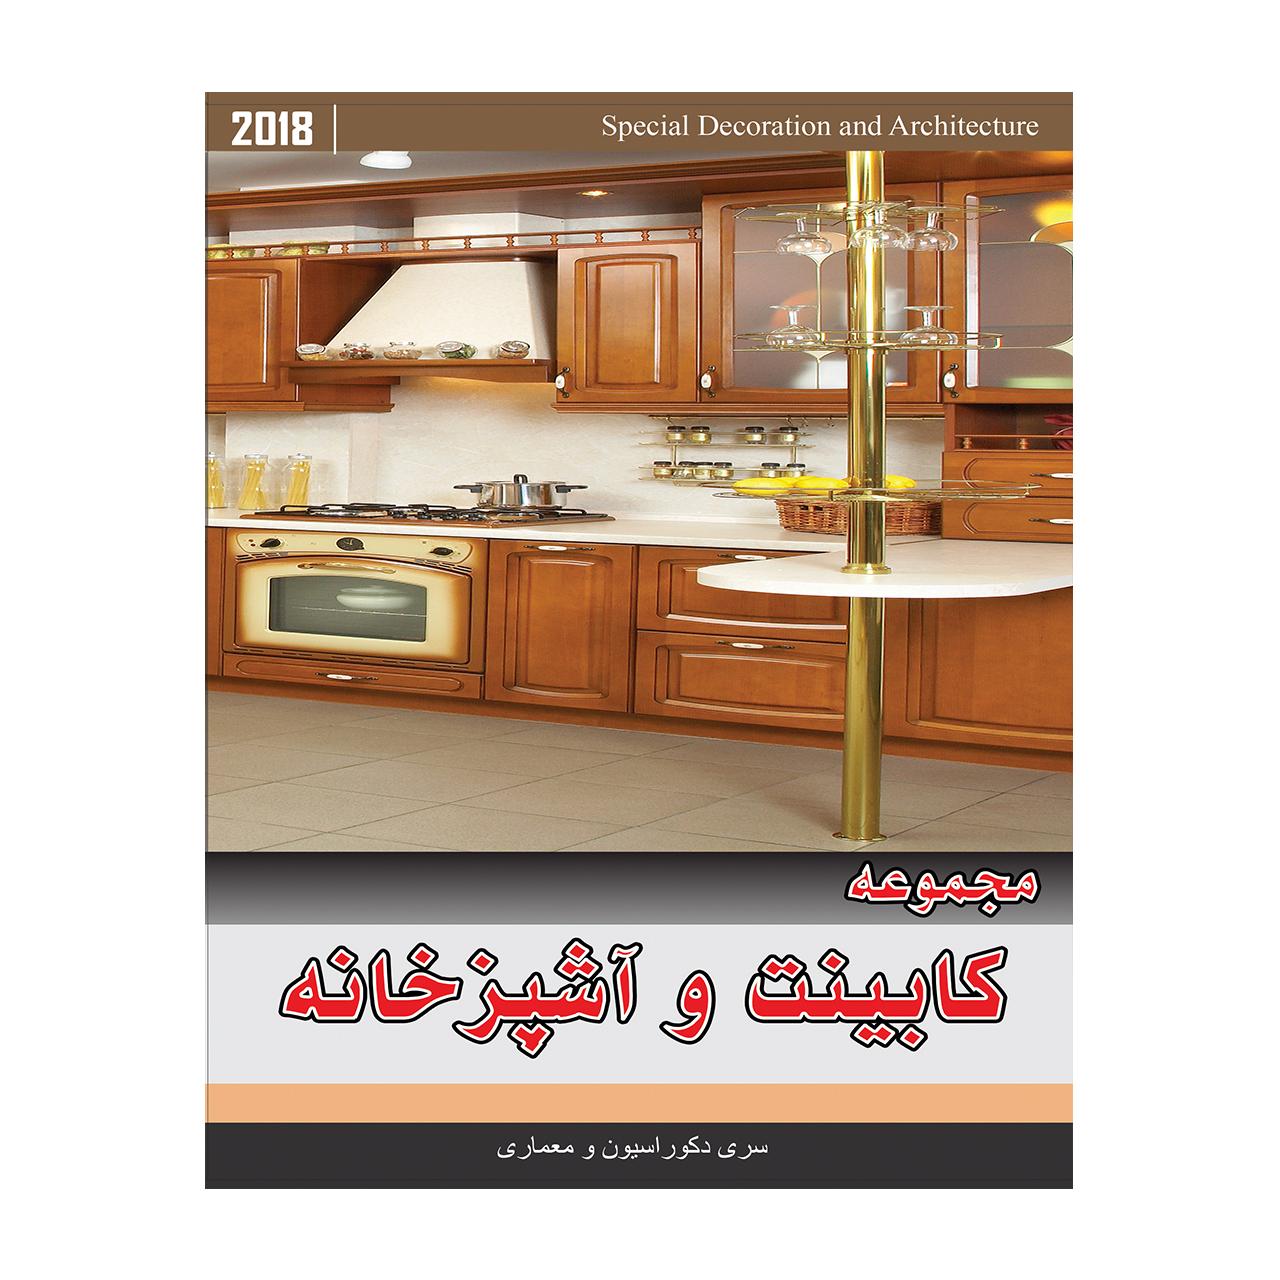 مجموعه تصاویر کابینت و آشپزخانه نشر جی ای بانک